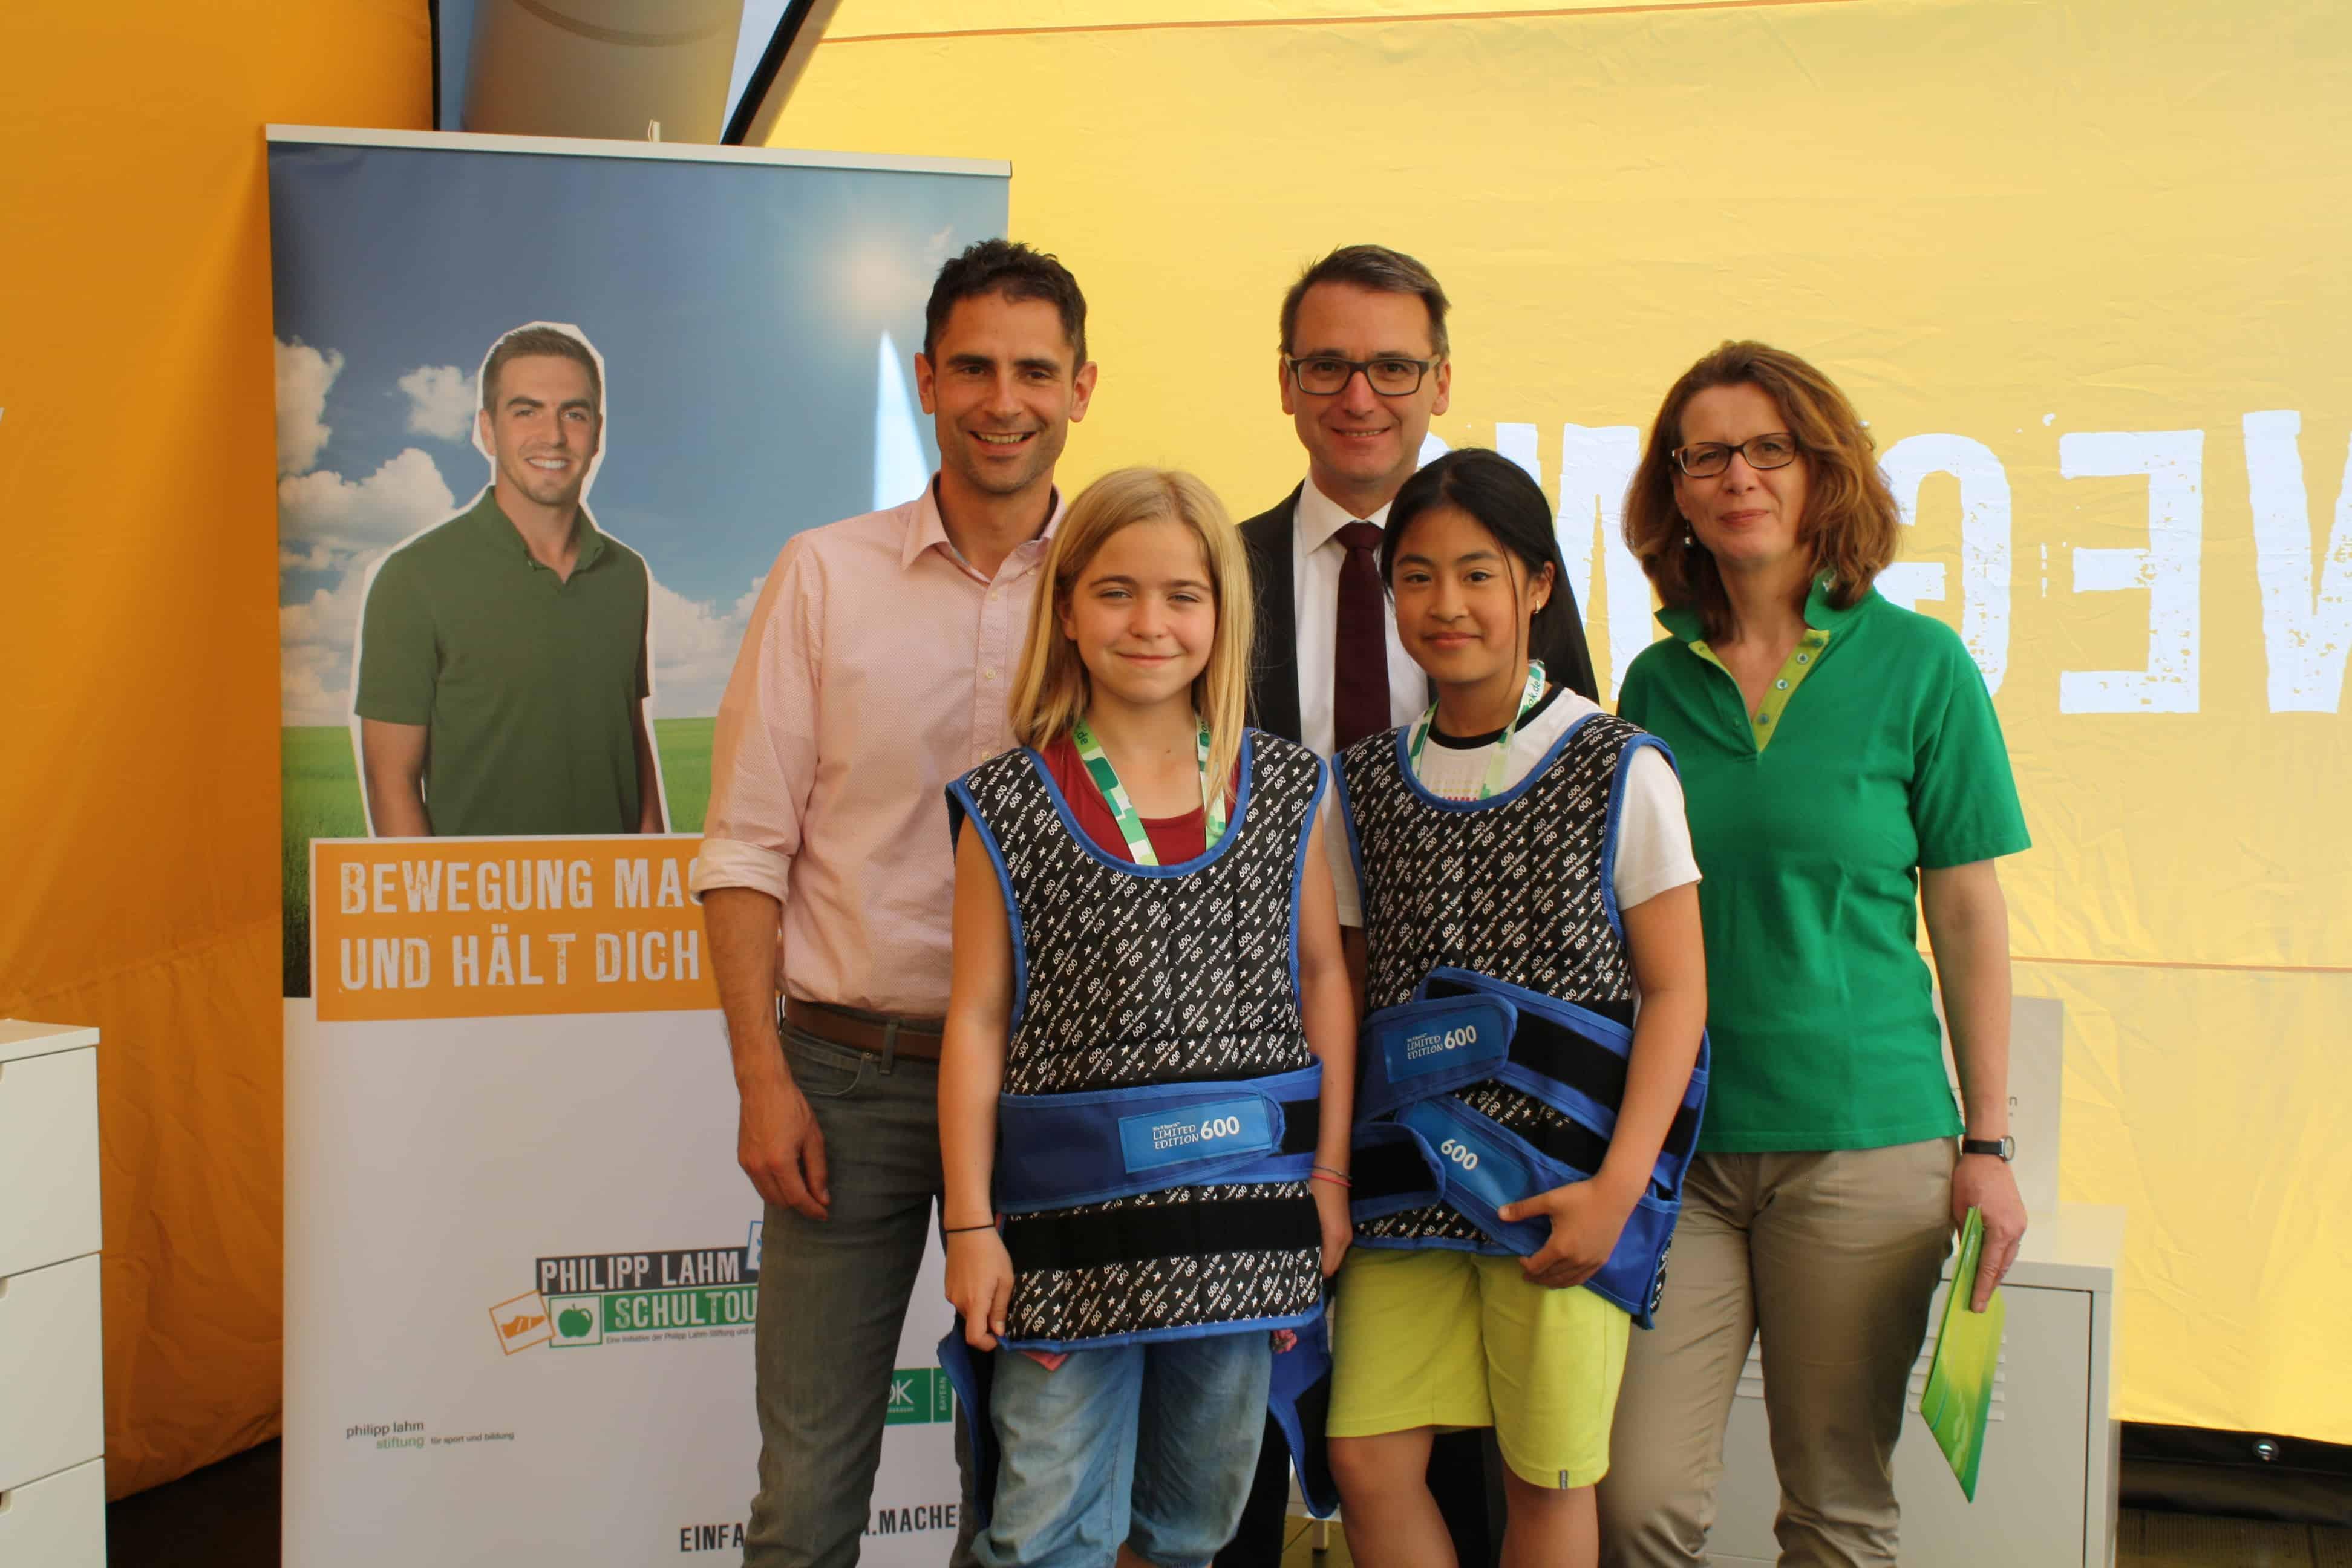 Philipp Lahm-Stiftung und AOK engagieren sich für Kindergesundheit